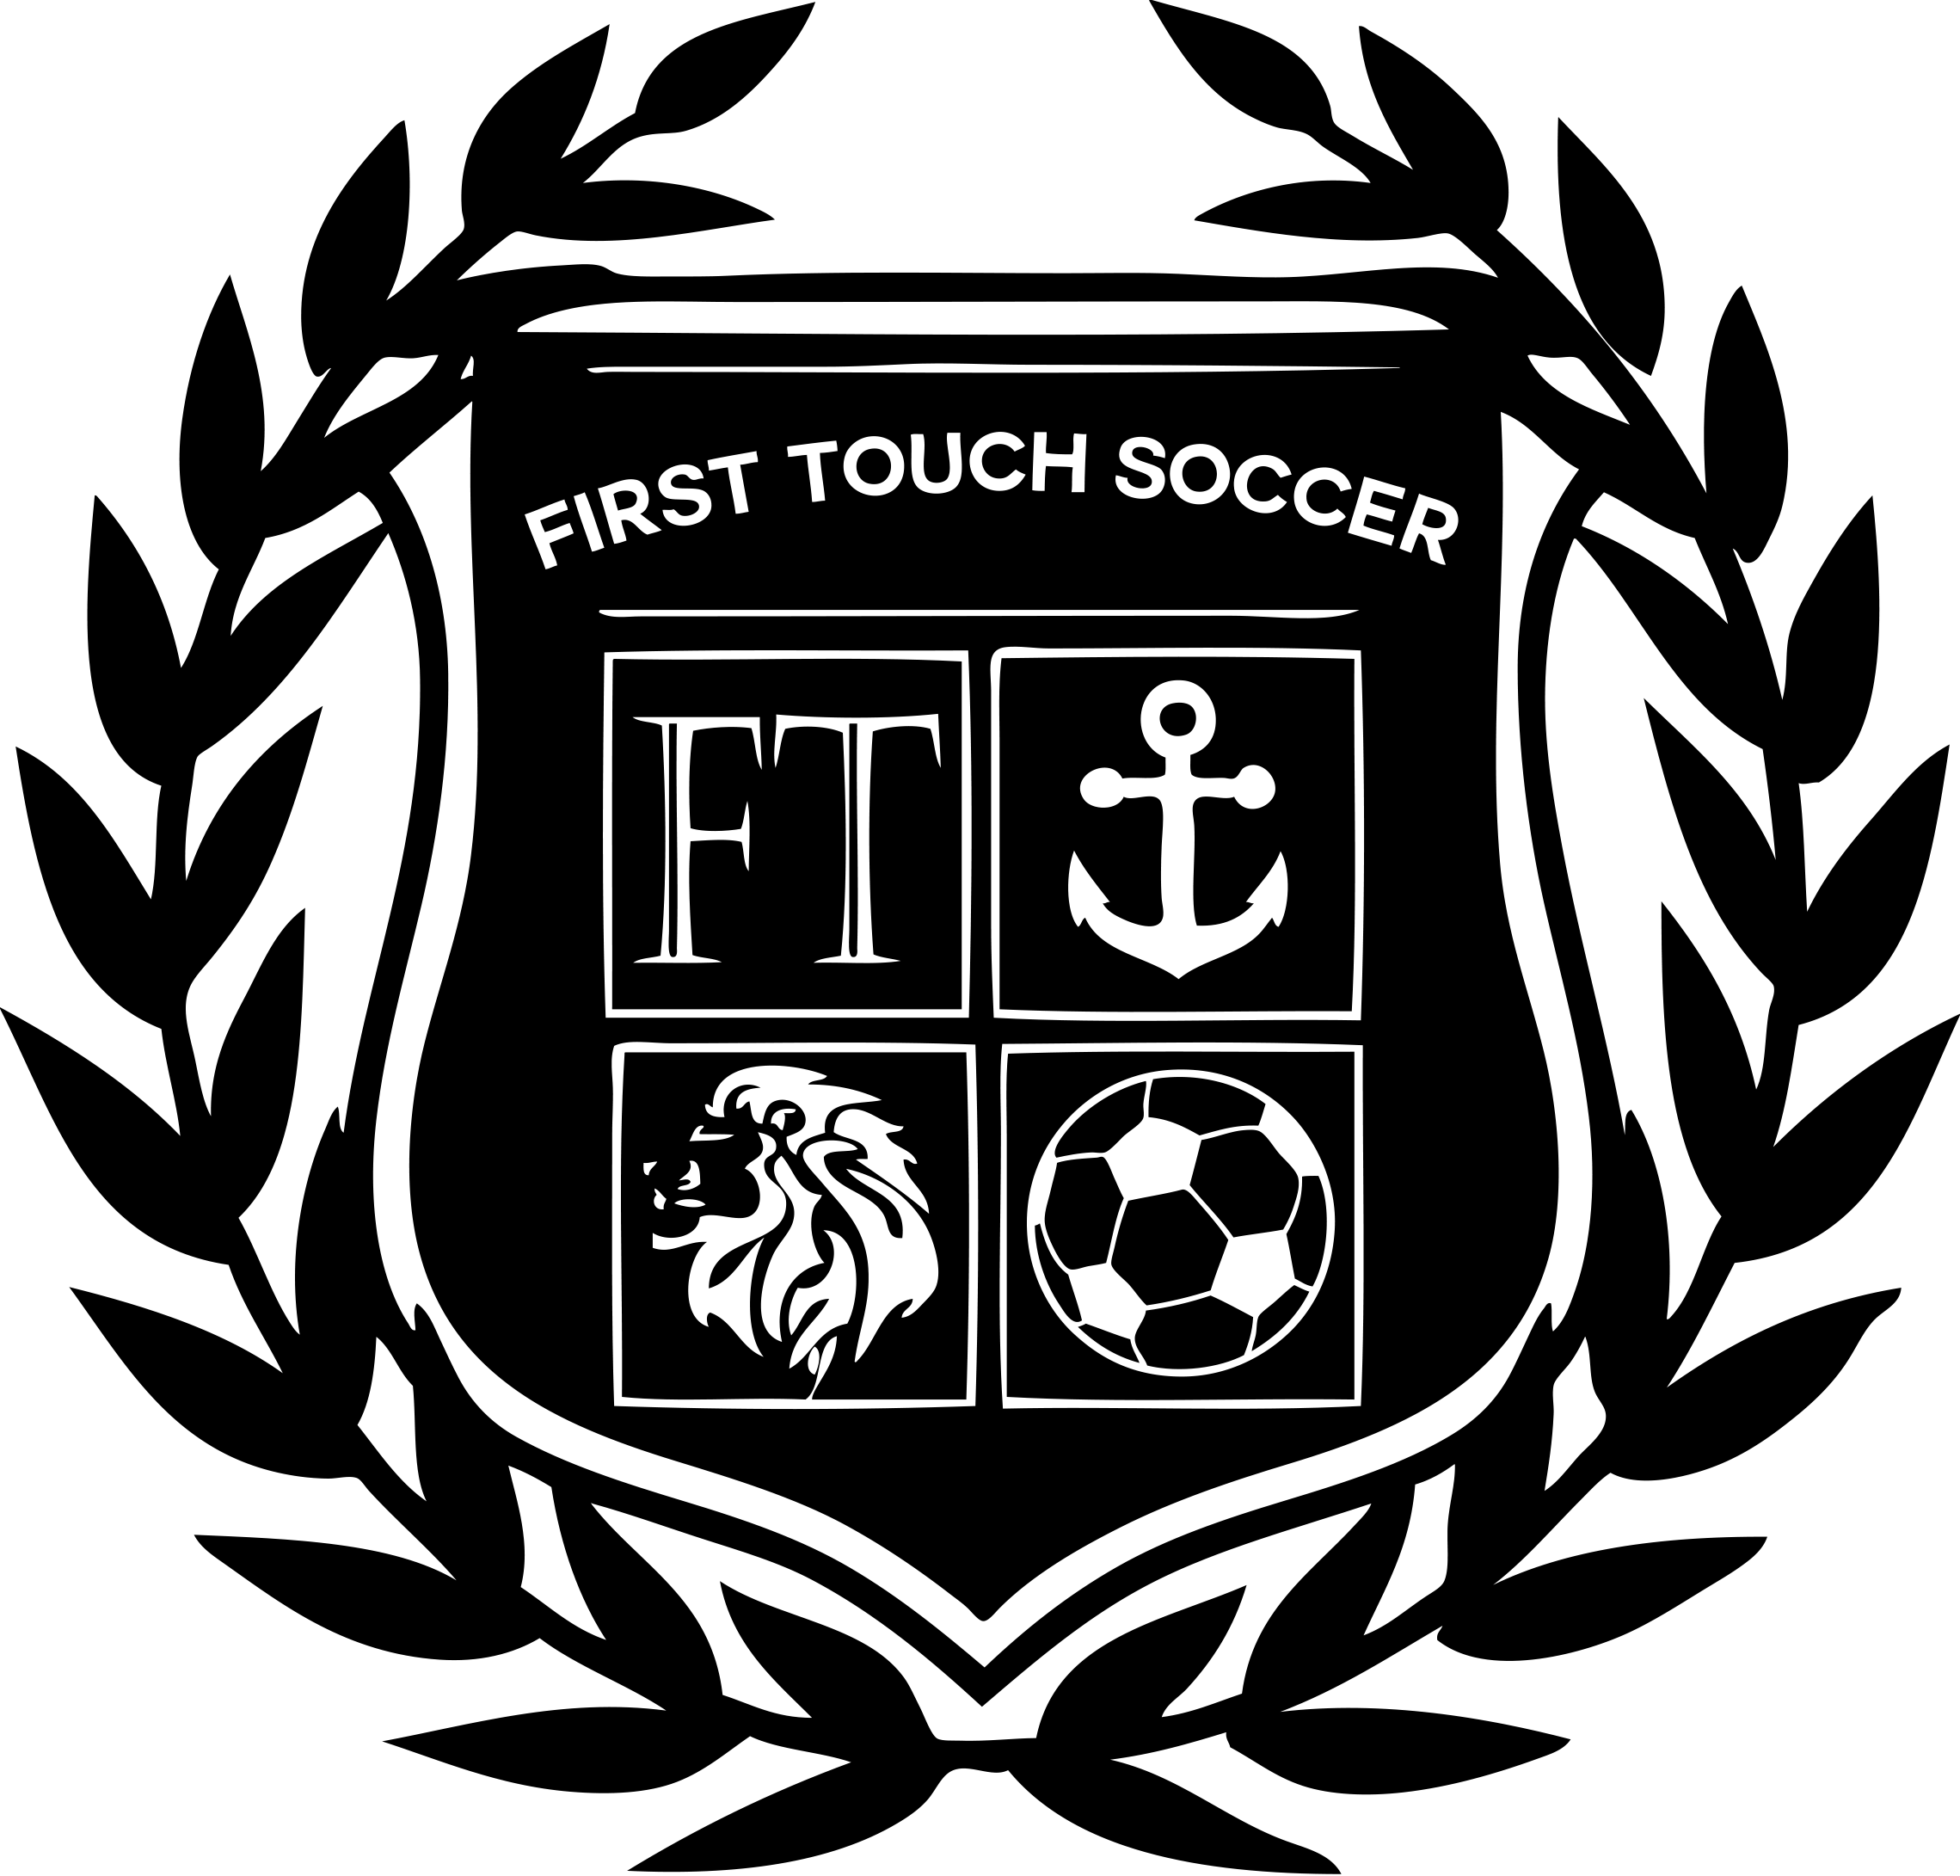 Bbd4c419 d65d 4d89 9d0c d91c71bbaa63